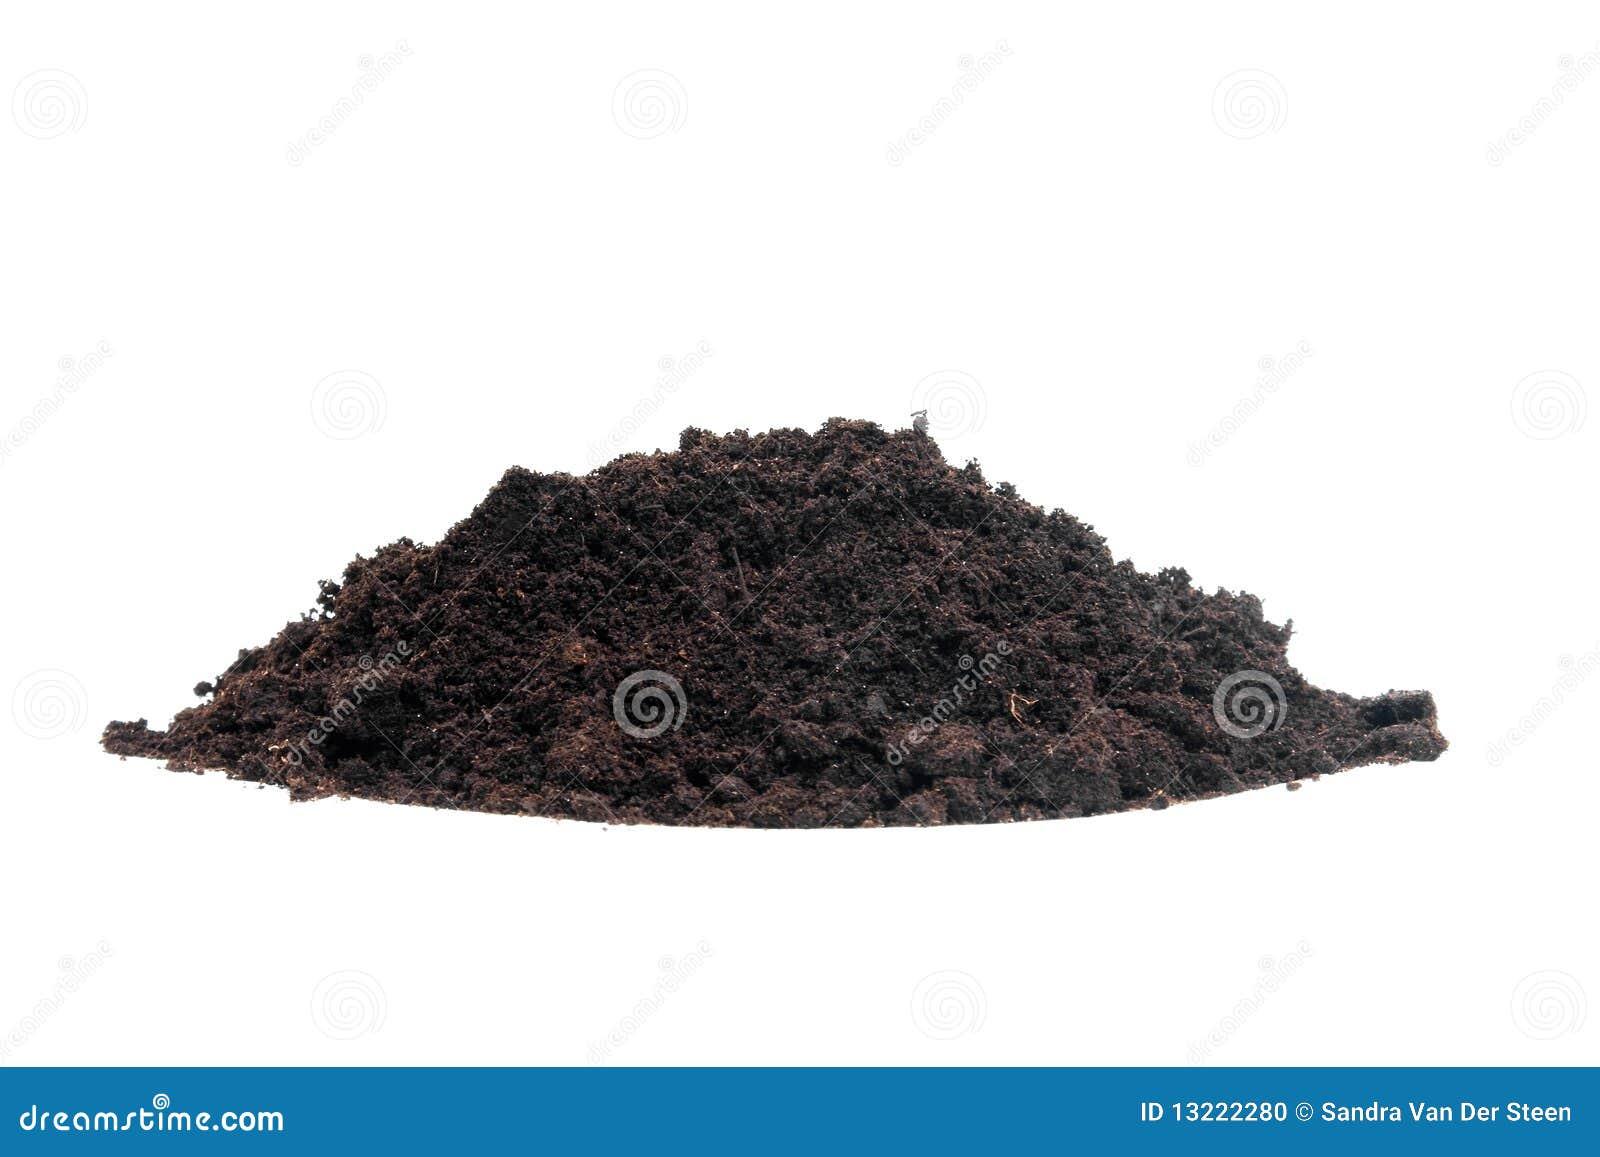 Pile of black garden soil stock photo image of dirt for Black garden soil